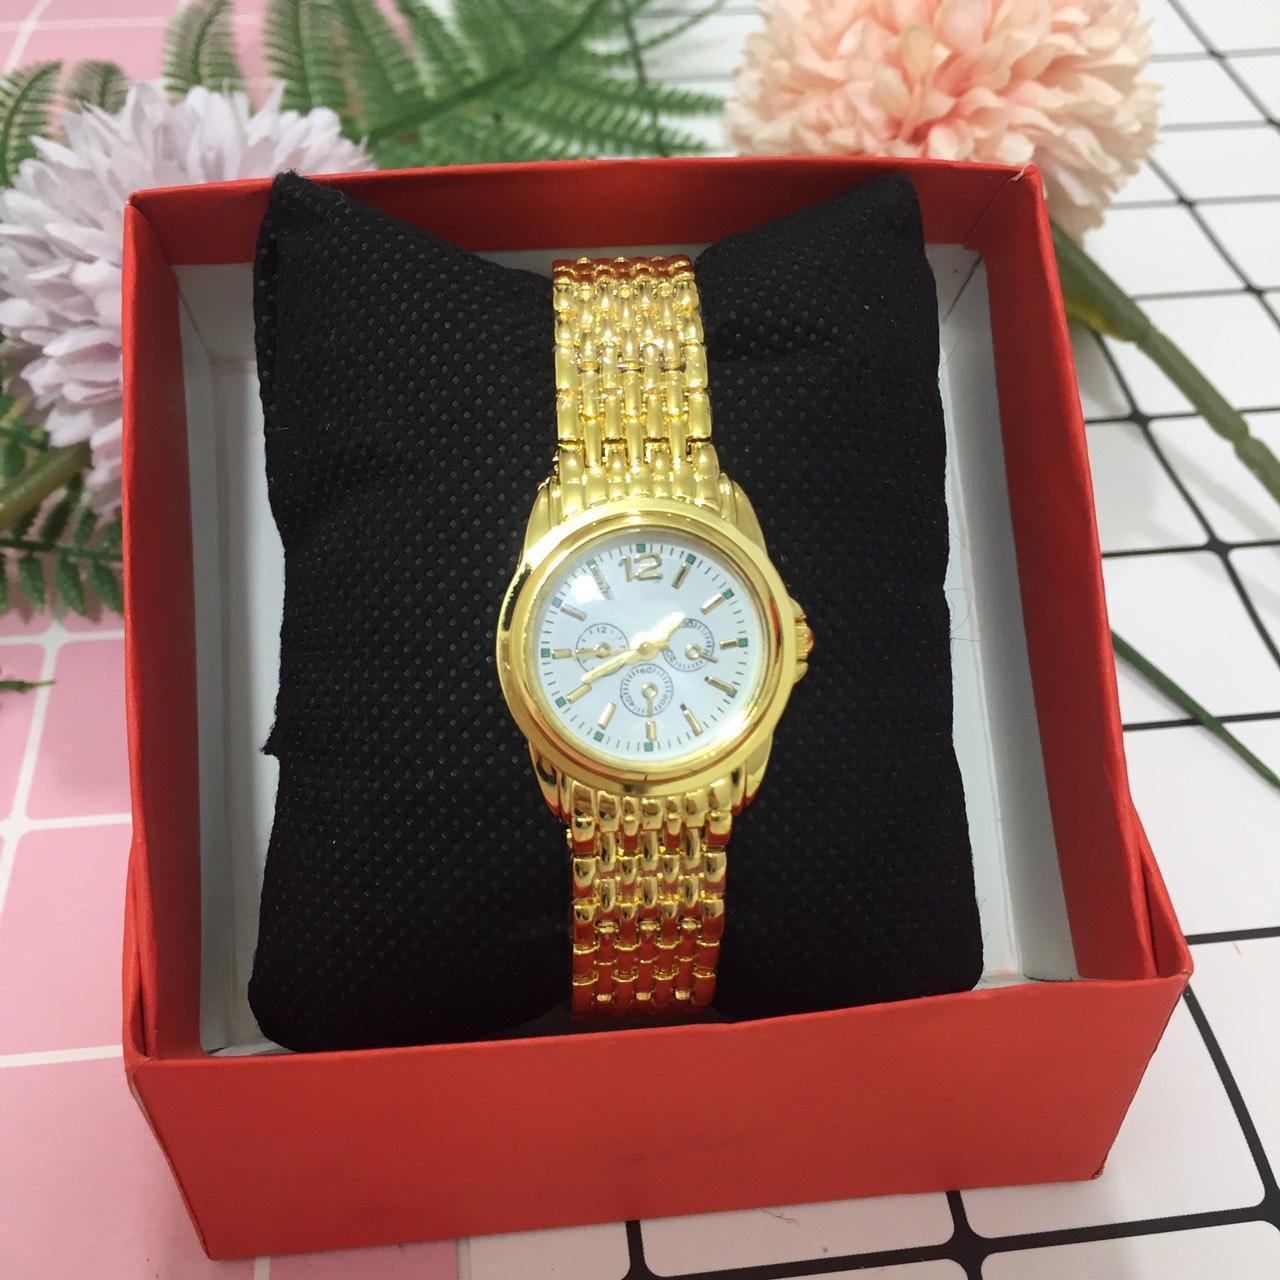 Đồng hồ nam nữ thời trang thông minh yamate cực đẹp DH58